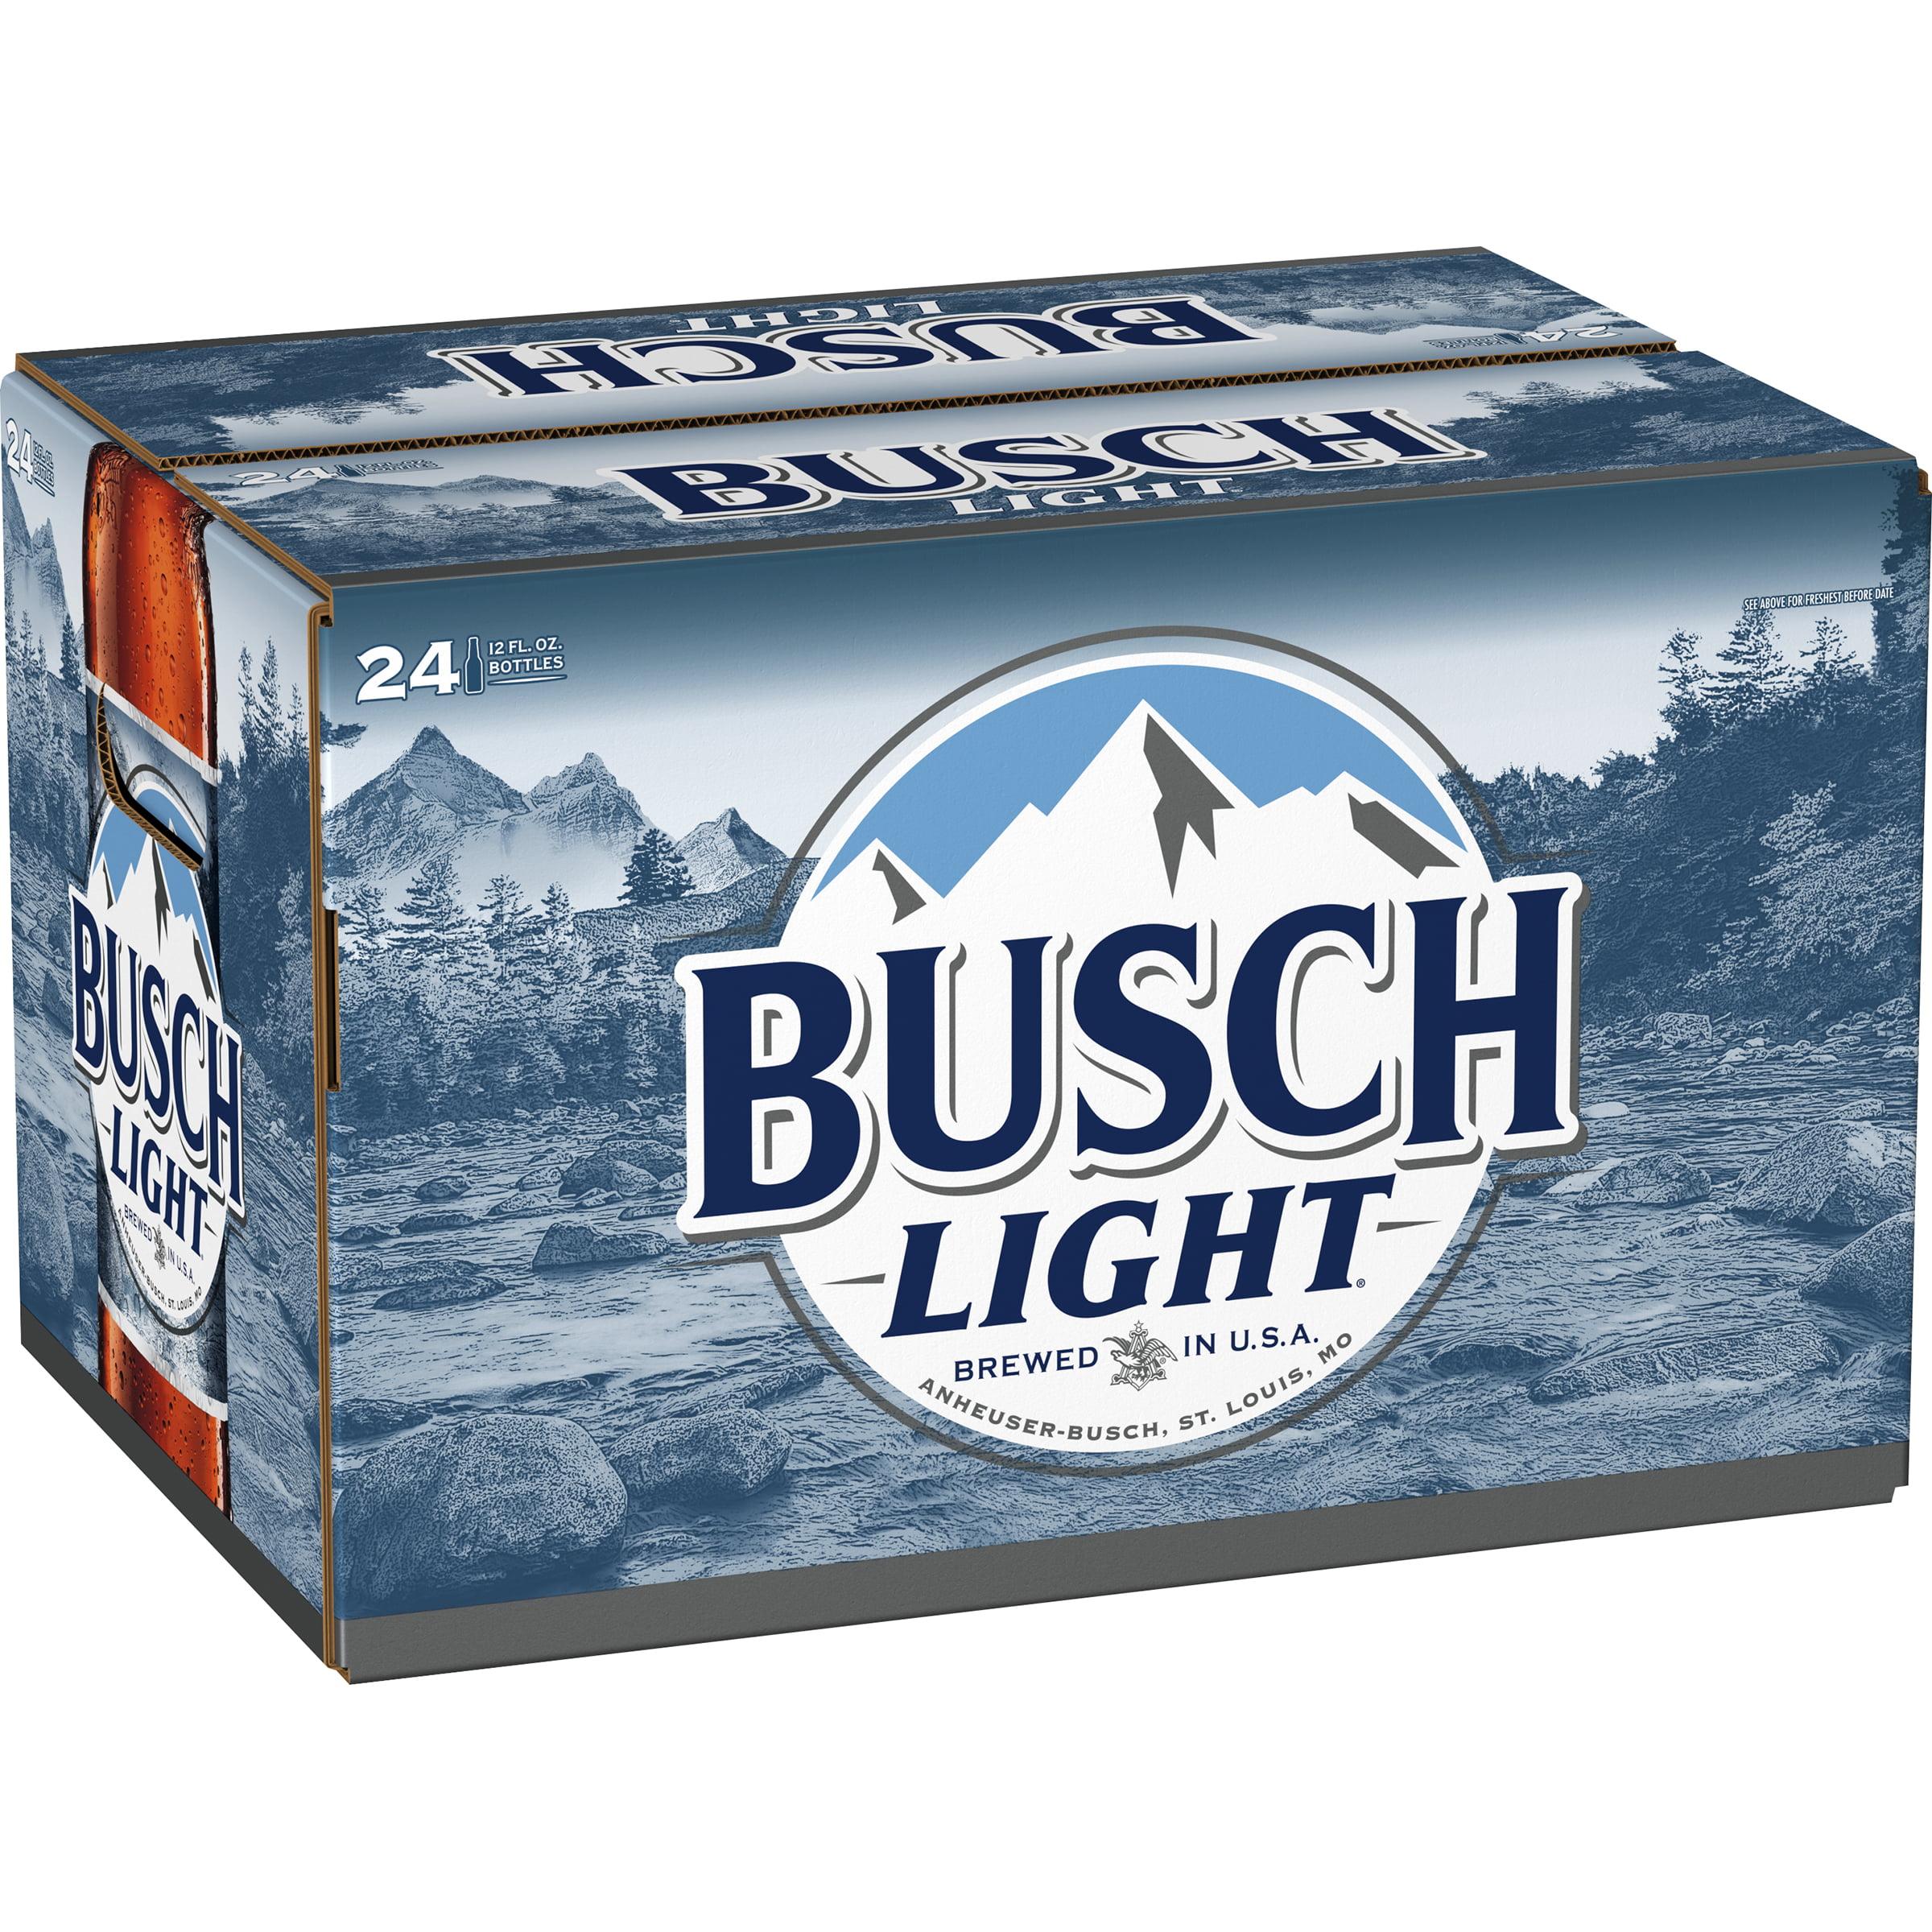 Busch Light Beer 24 Pack 12 Fl Oz Bottles 4 1 Abv Walmart Com Walmart Com